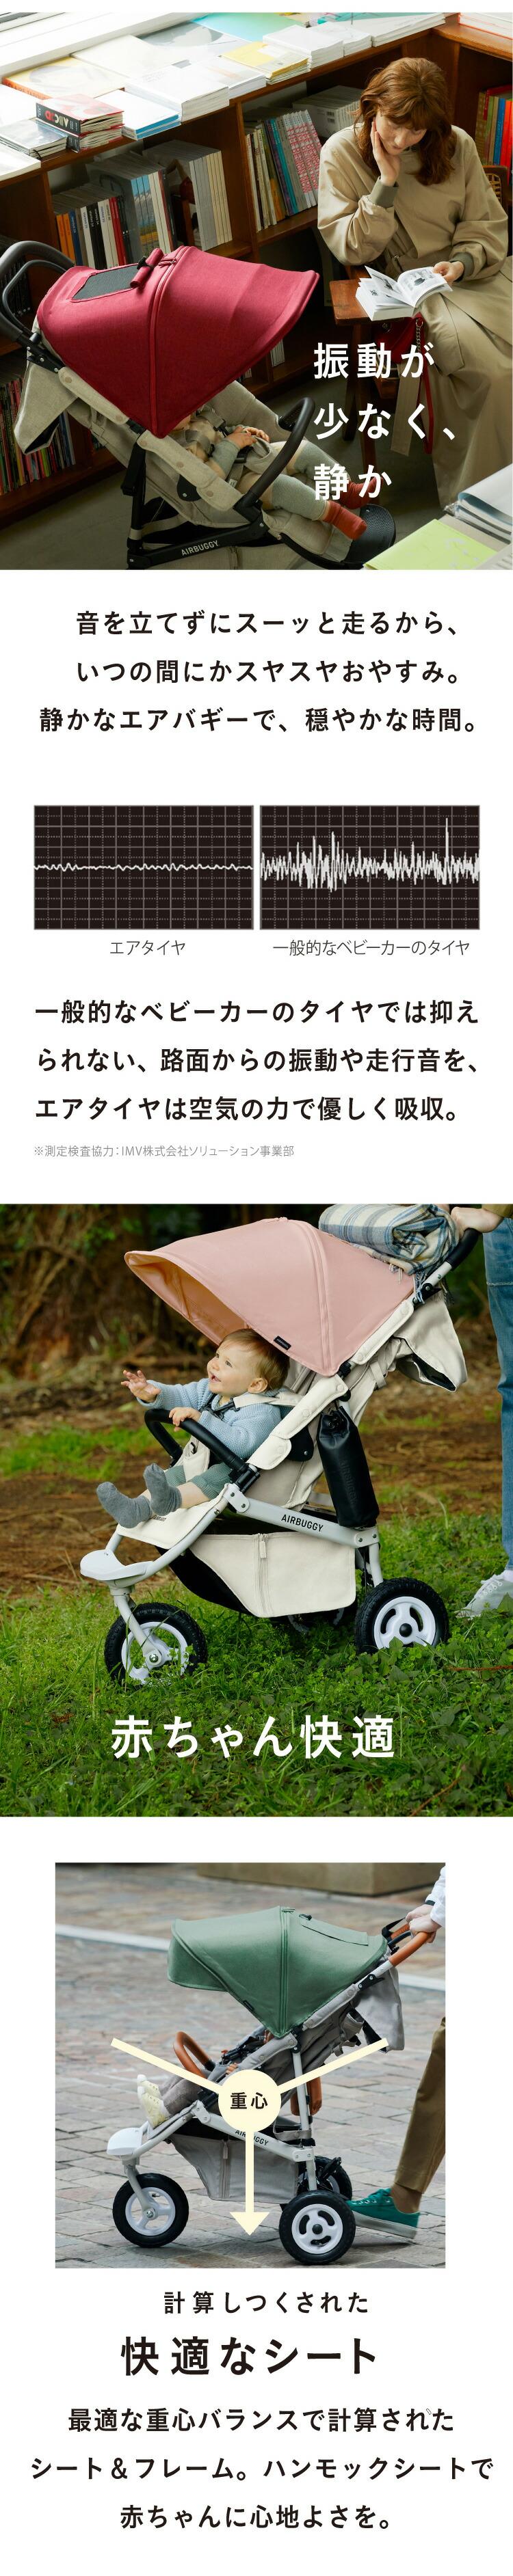 新生児から使えるベビーカーエアバギー「フロムバース プレミア」